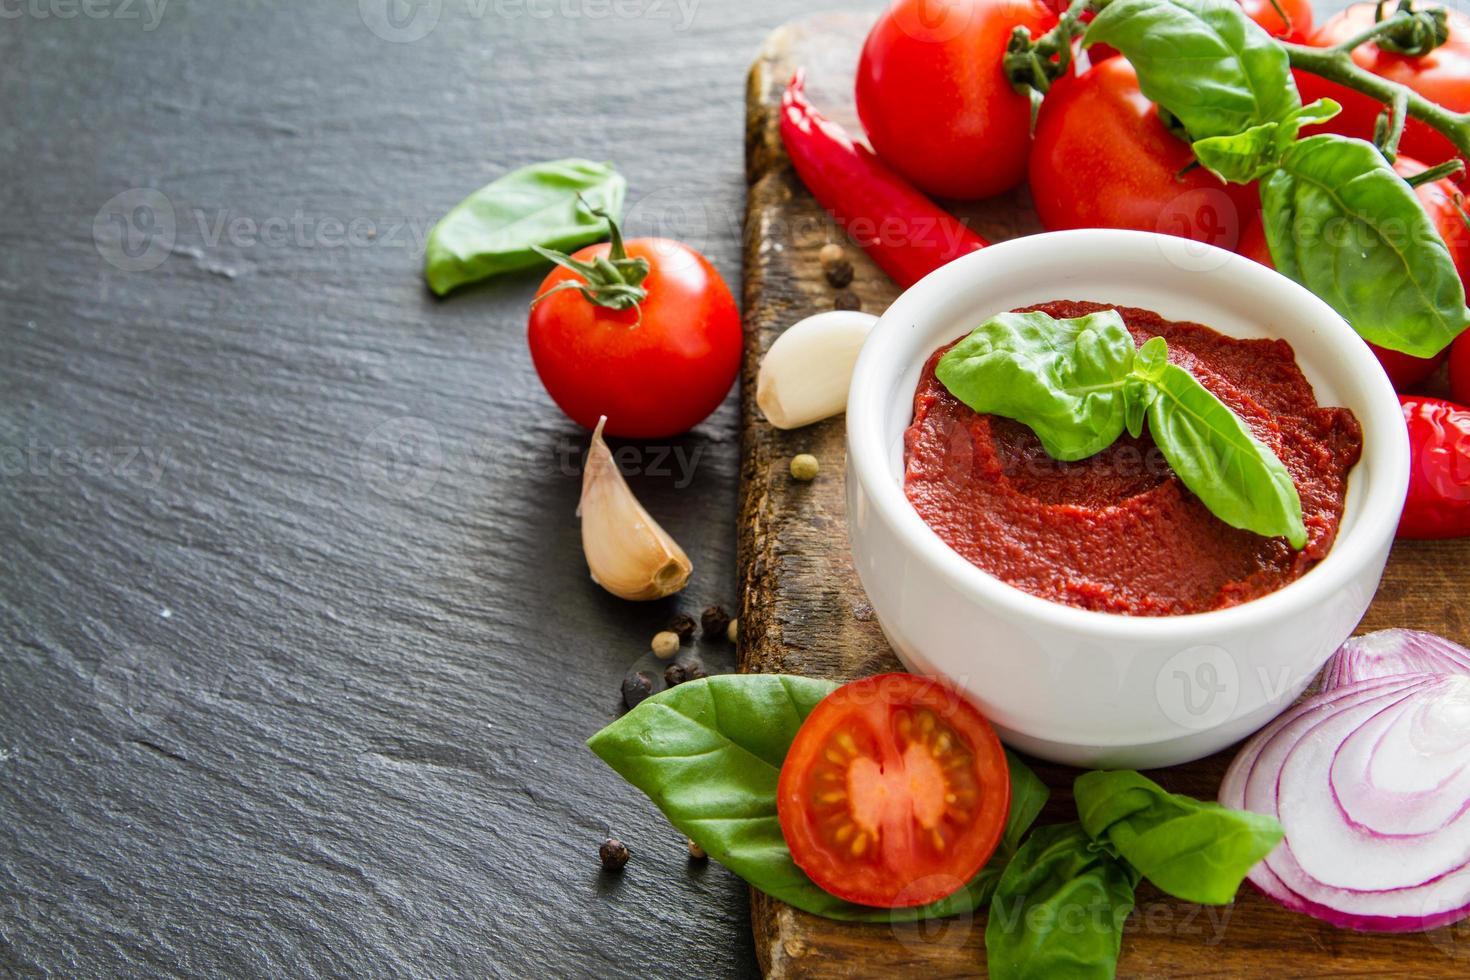 Zutaten für Tomatensauce - Kirschtomaten, Basilikum, Zwiebel, Knoblauch, Pfeffer foto